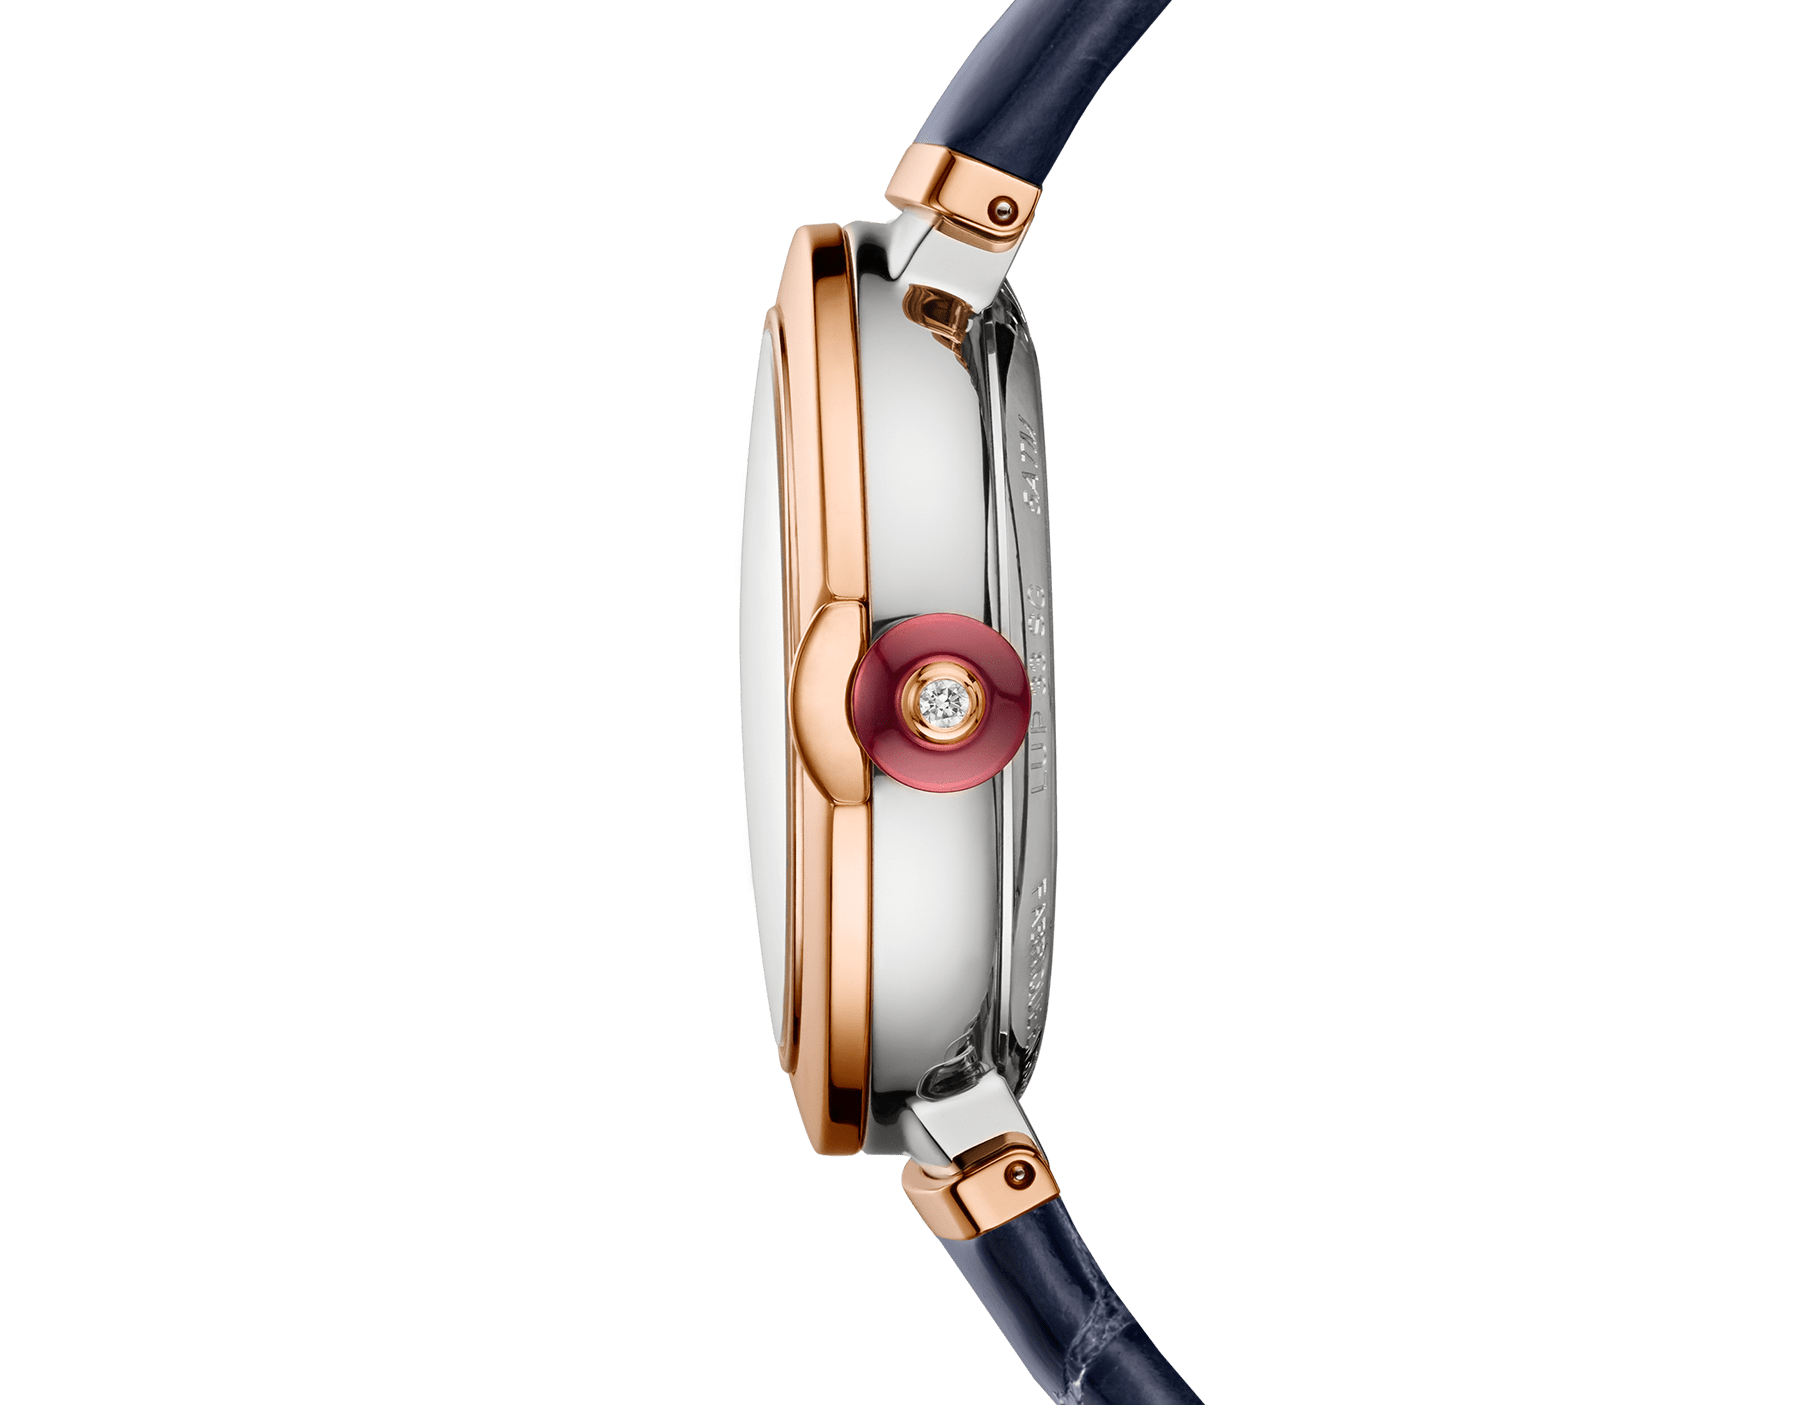 LVCEA 腕錶,18K 玫瑰金和精鋼錶殼,白色珍珠母貝錶盤,鑲飾鑽石時標,日期窗格,藍色鱷魚皮錶帶。 102638 image 3